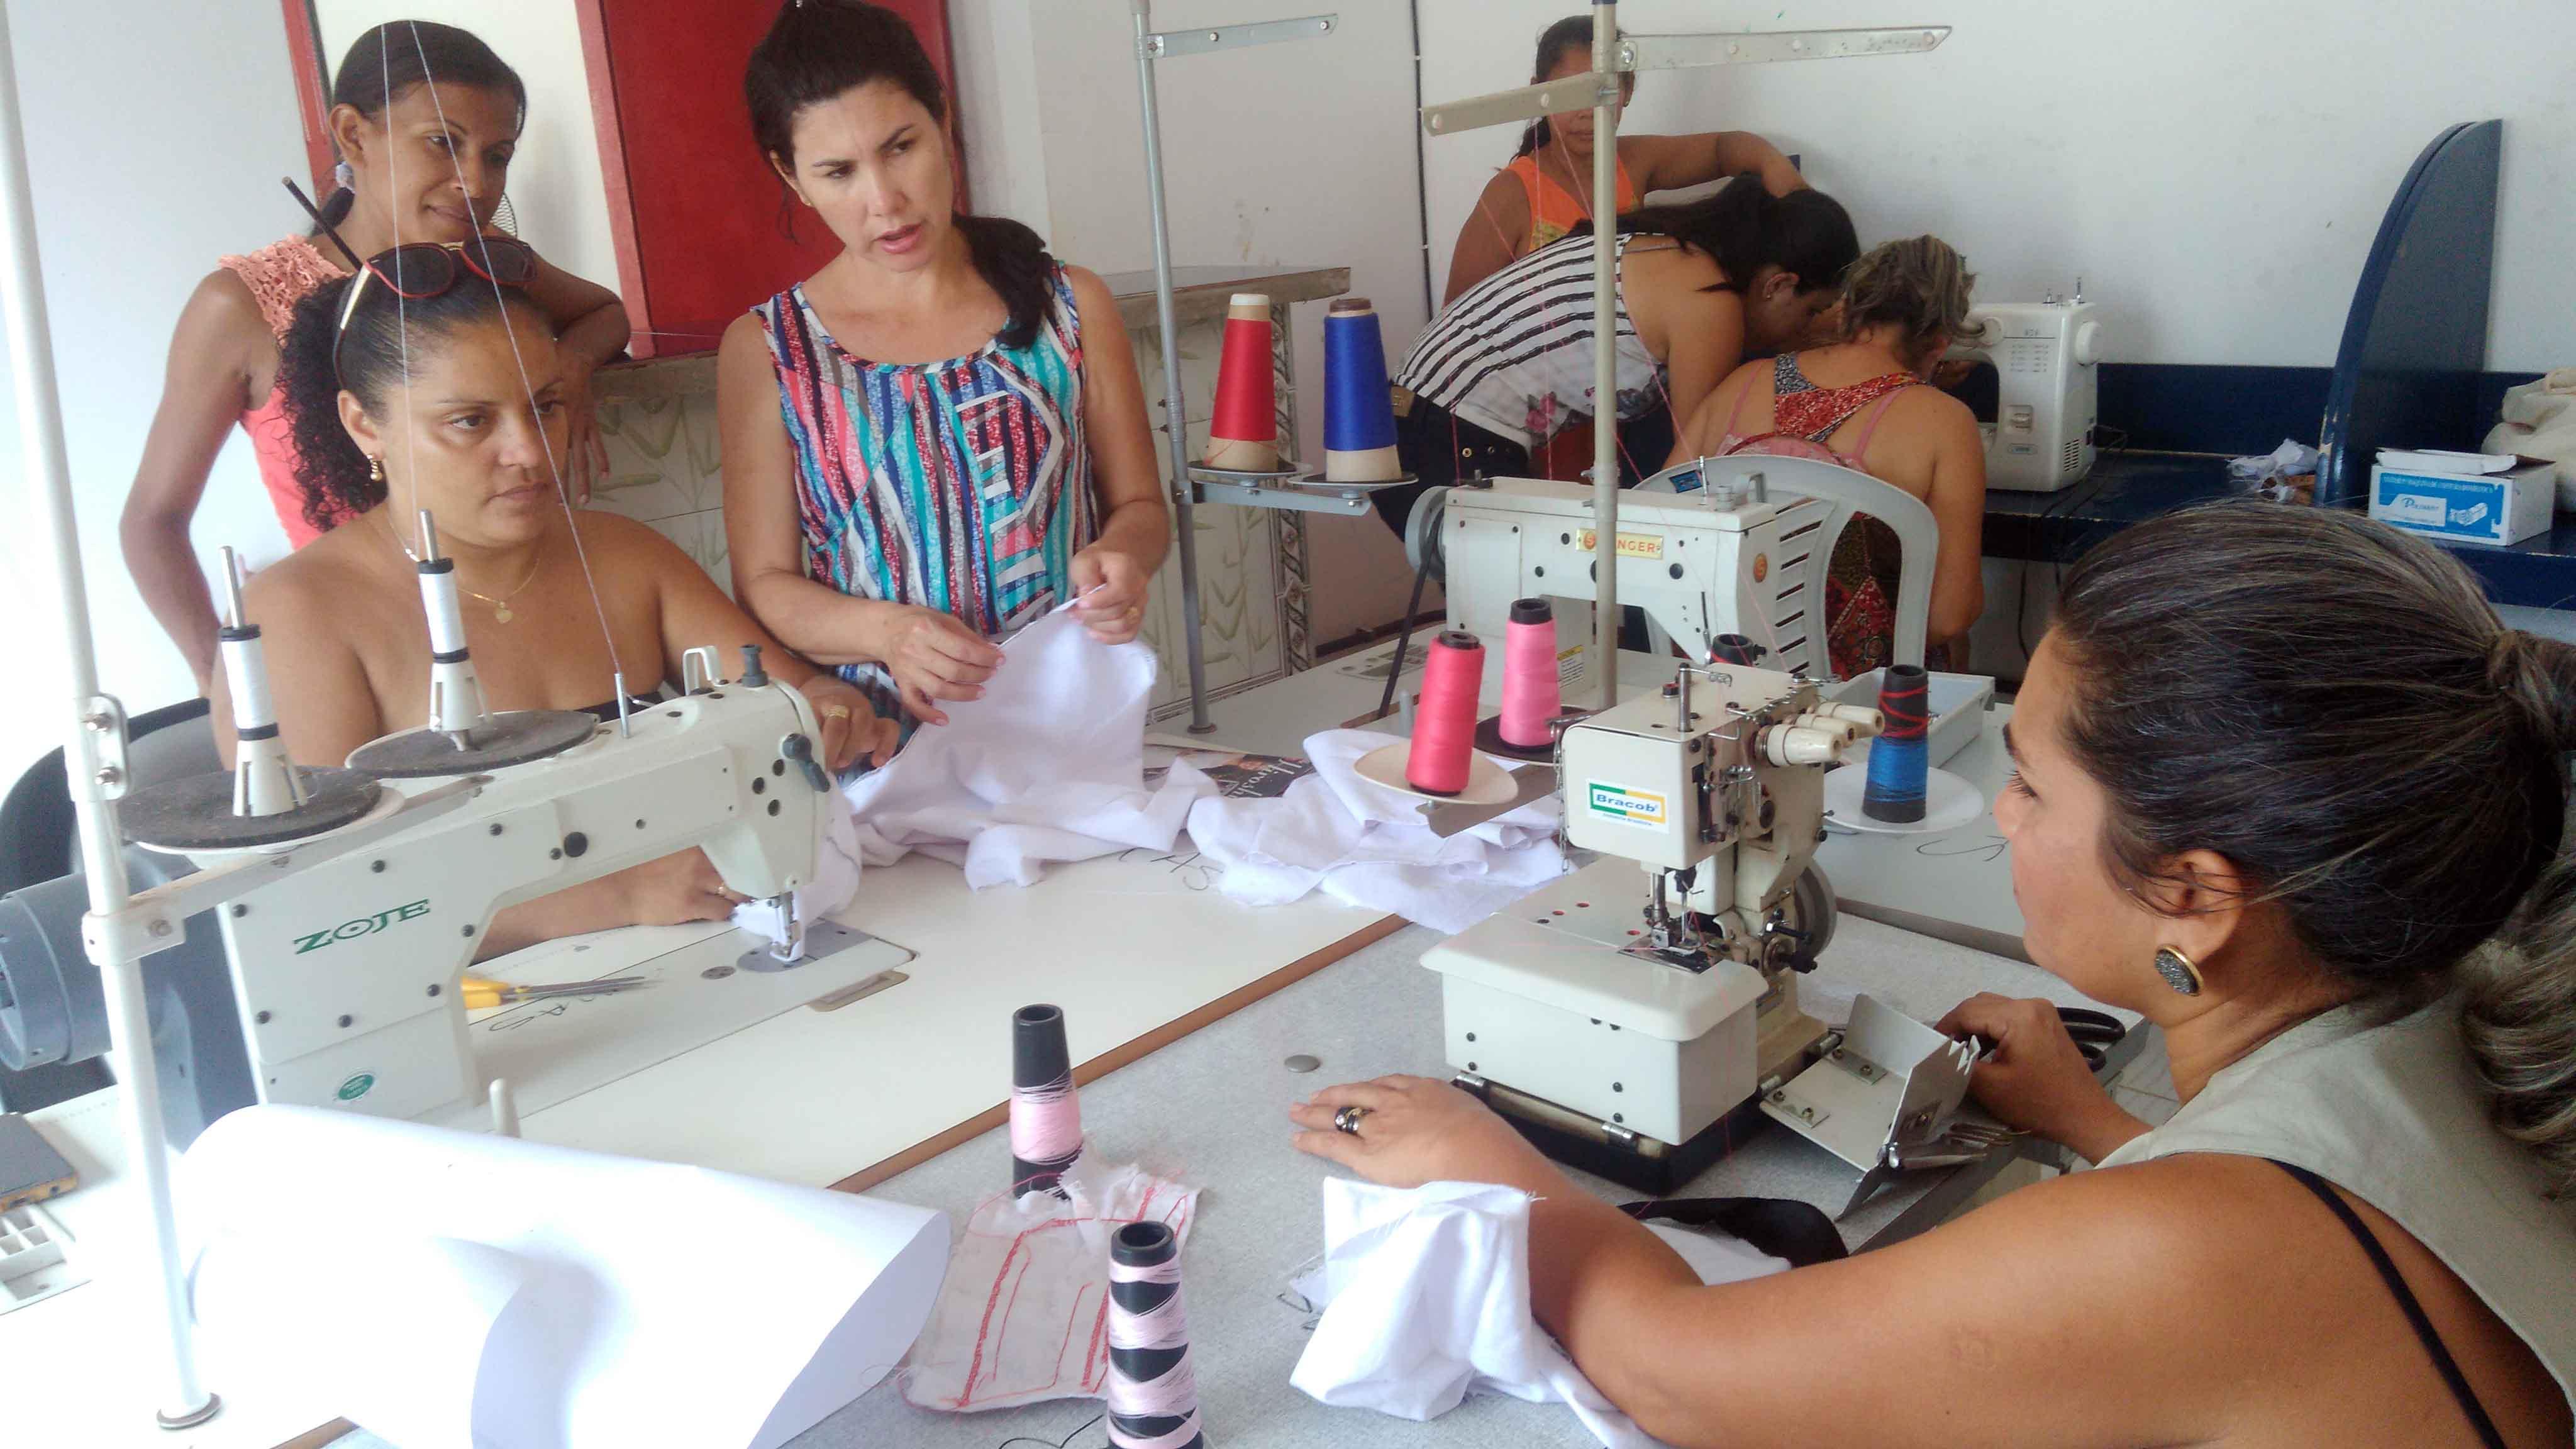 Photo of Sebrae e Senai realizaram o 6º ciclo do projeto Inova Moda em Bequimão